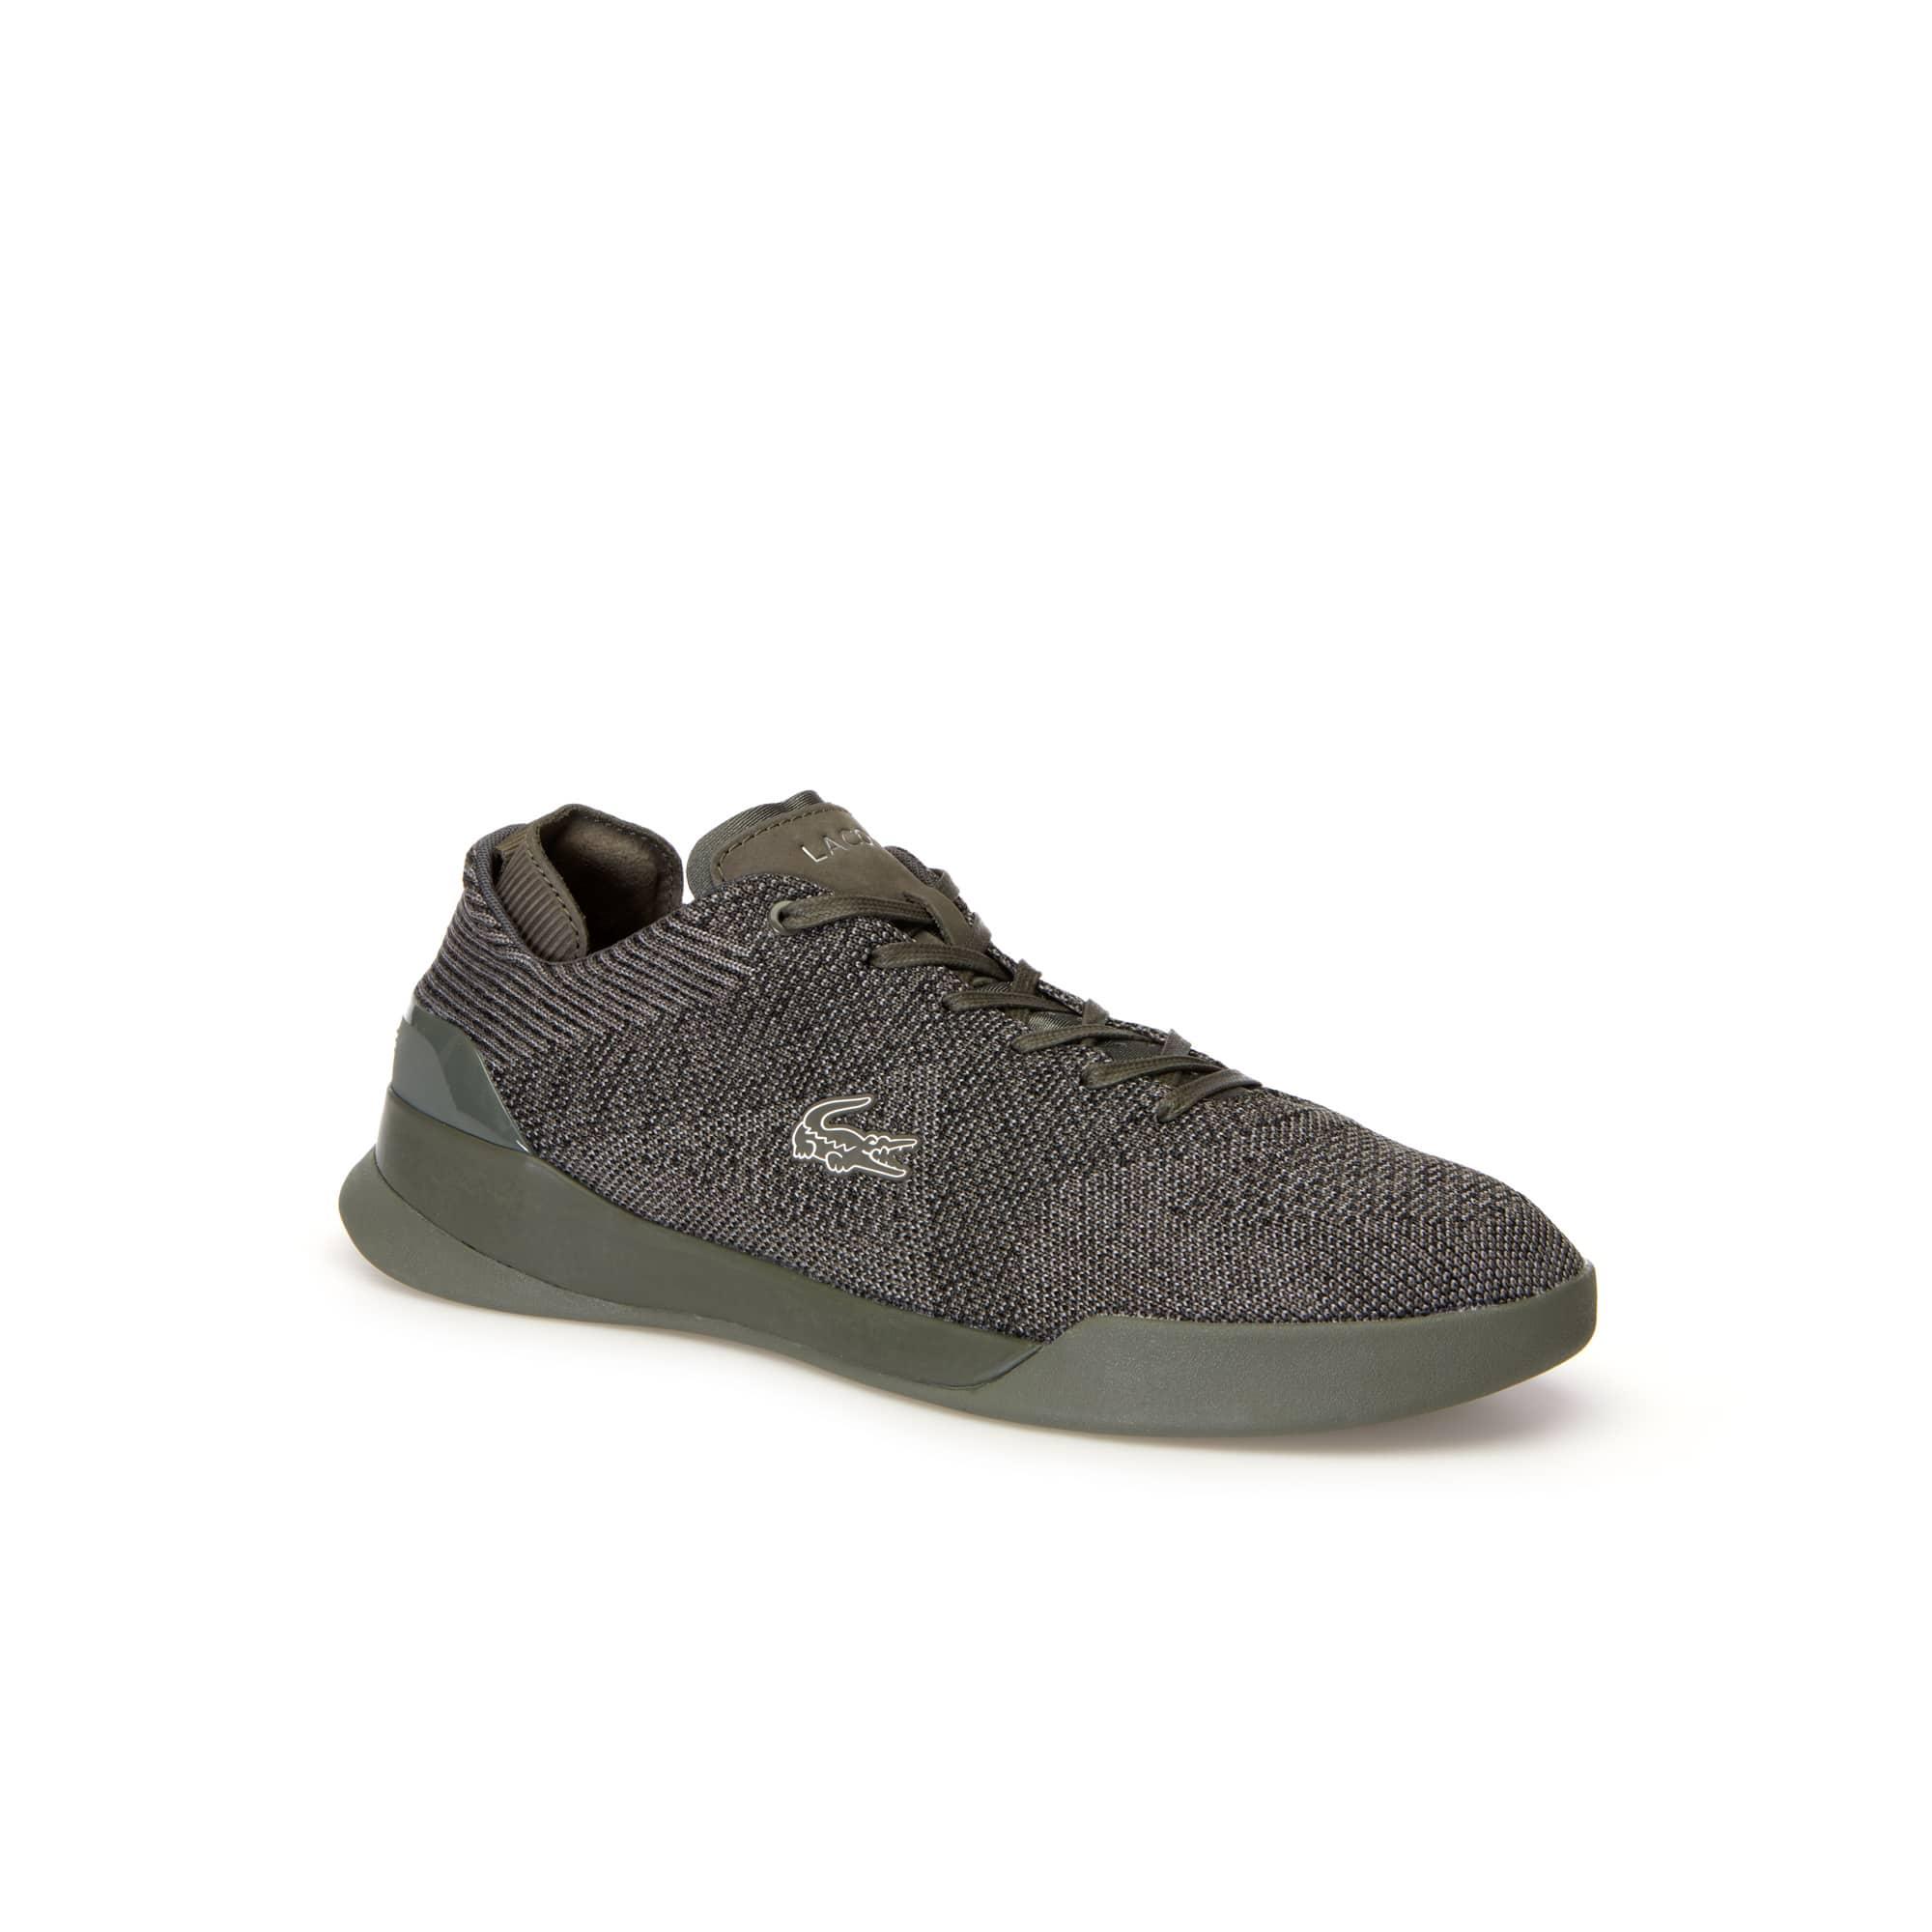 Zapatillas de hombre LT Dual Elite SPORT de malla de piqué